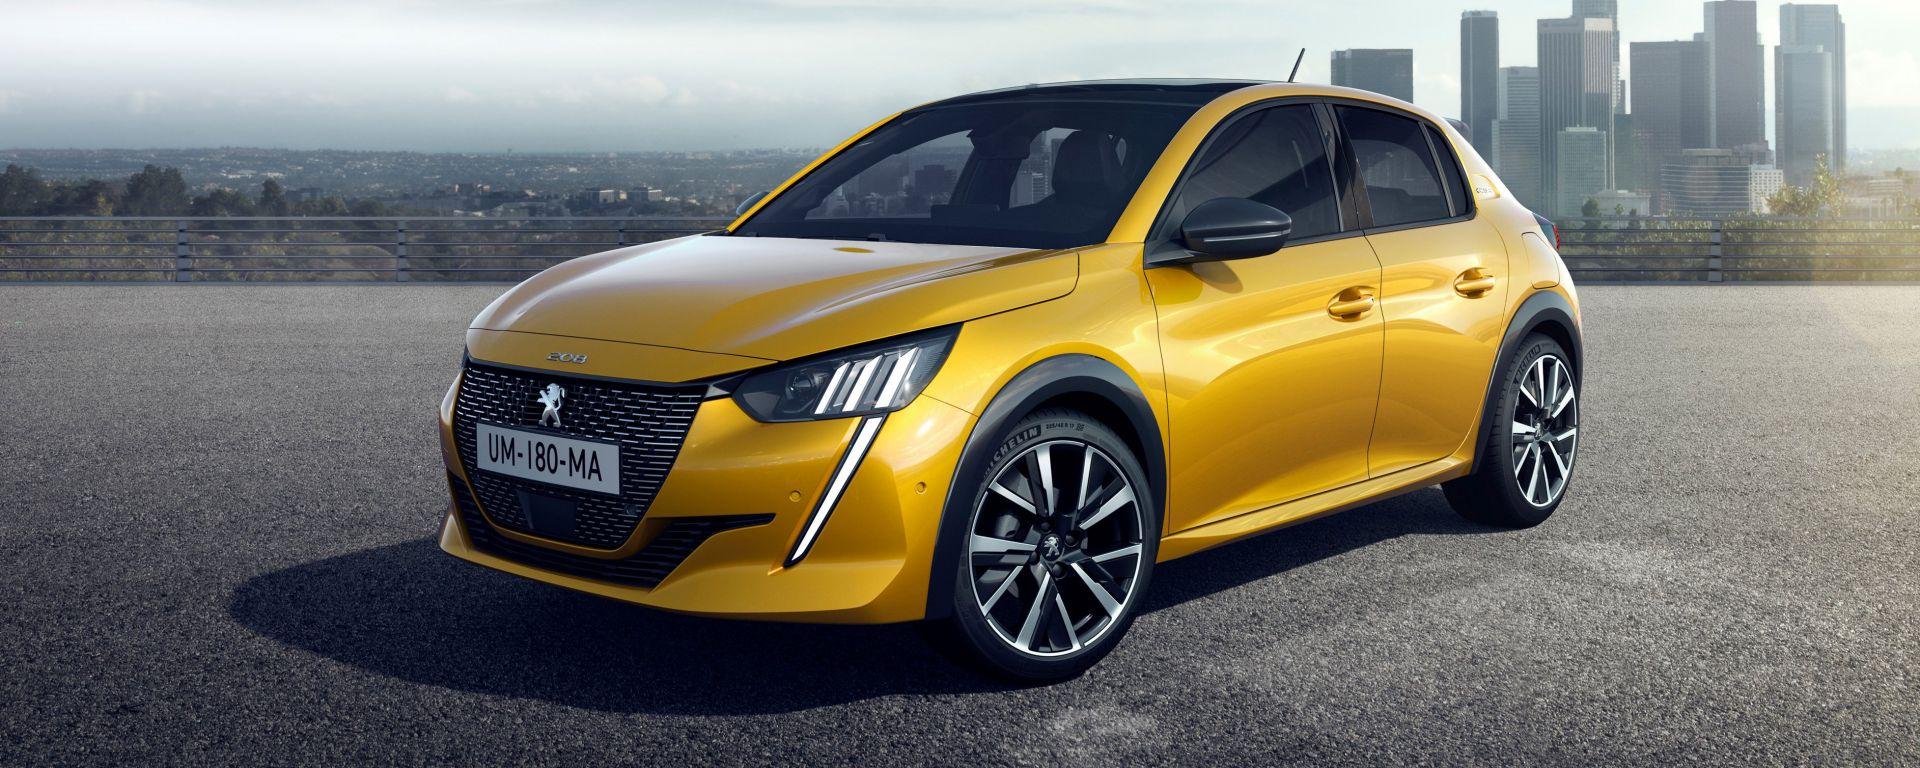 Peugeot 208 Auto dell'anno 2020 da Ginevra